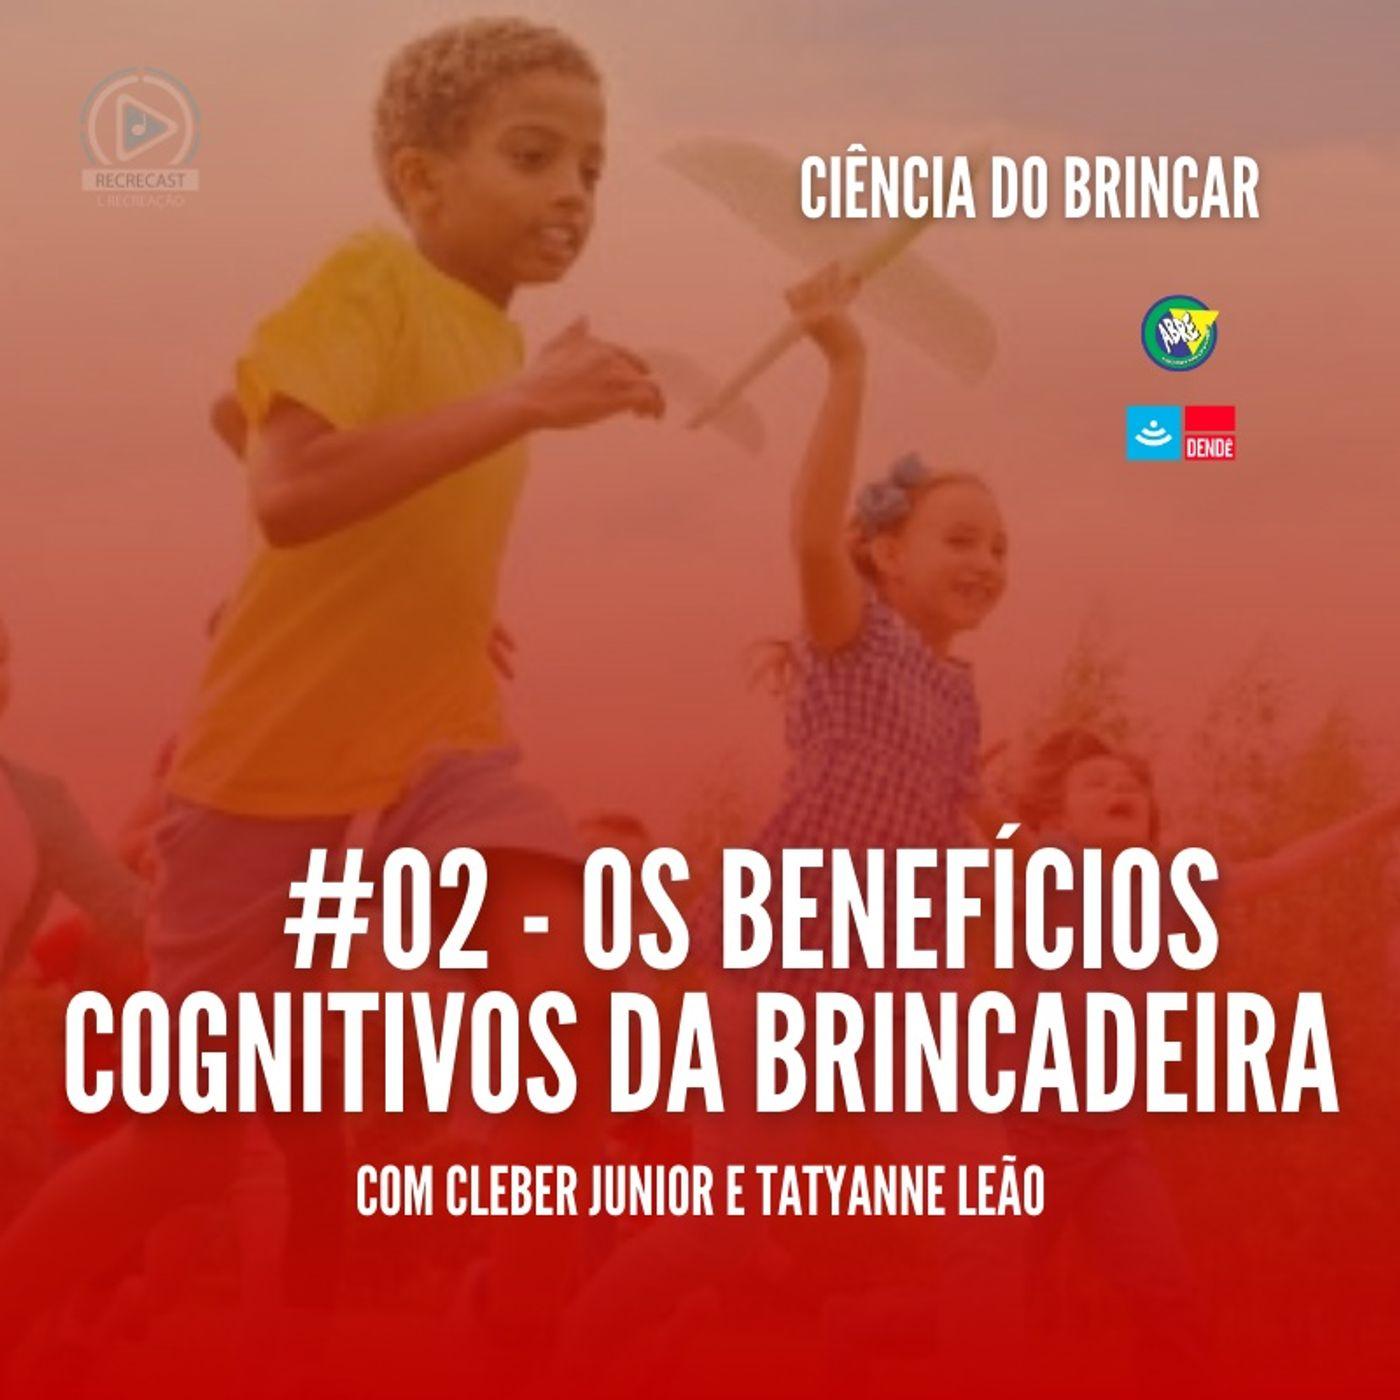 Os benefícios cognitivos da brincadeira